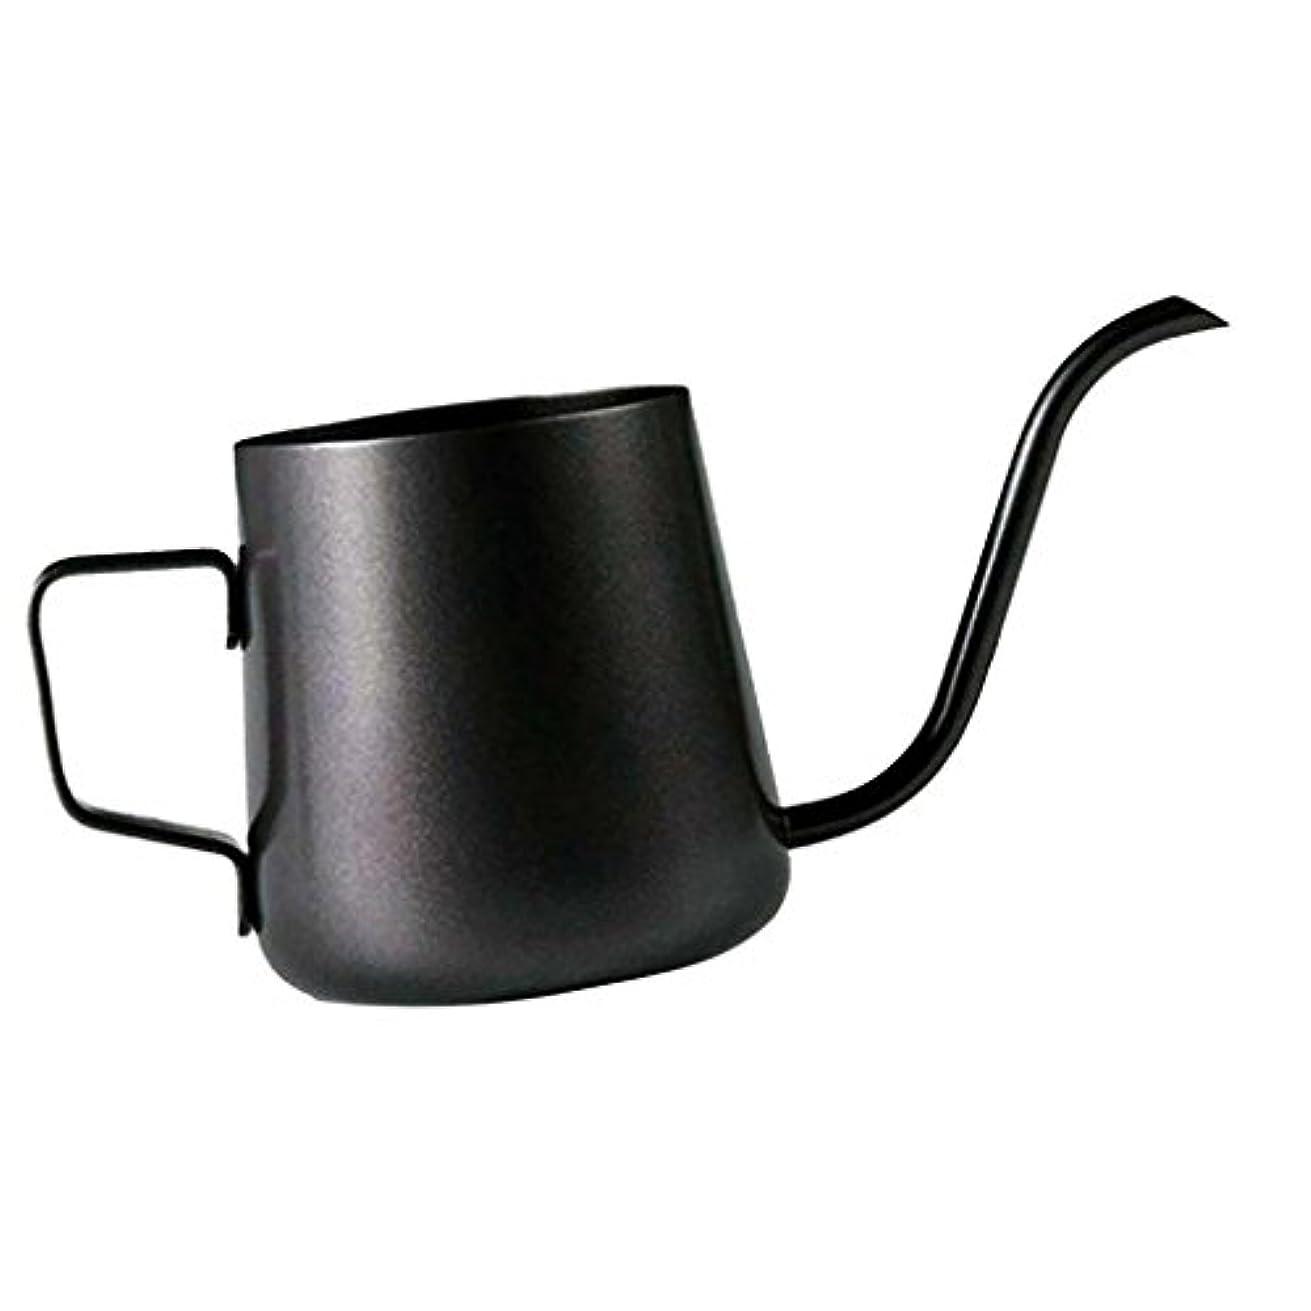 同行する一般的に手Homeland コーヒーポット お茶などにも対応 クッキング用品 ステンレス製 エスプレッソポット ケトル - ブラック, 250ミリリットル